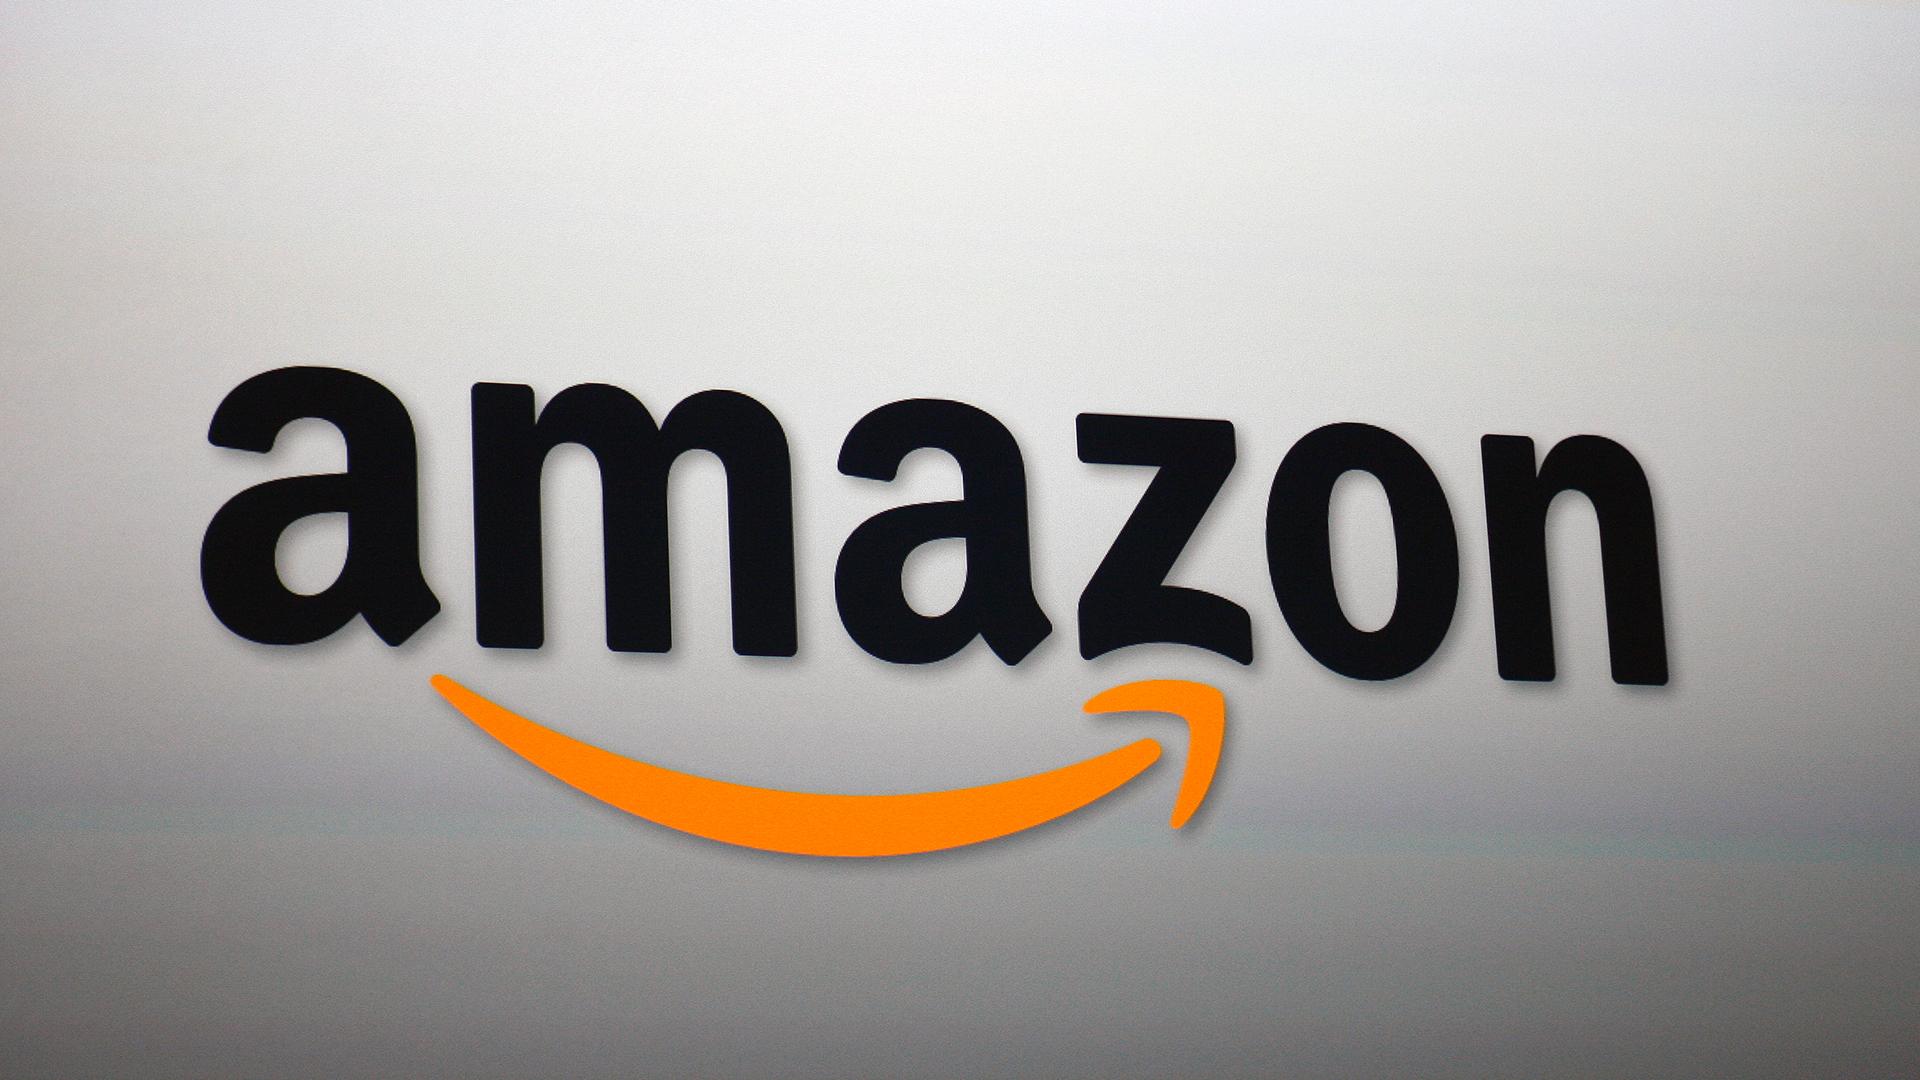 Amazon website logo-159532.jpg66367985